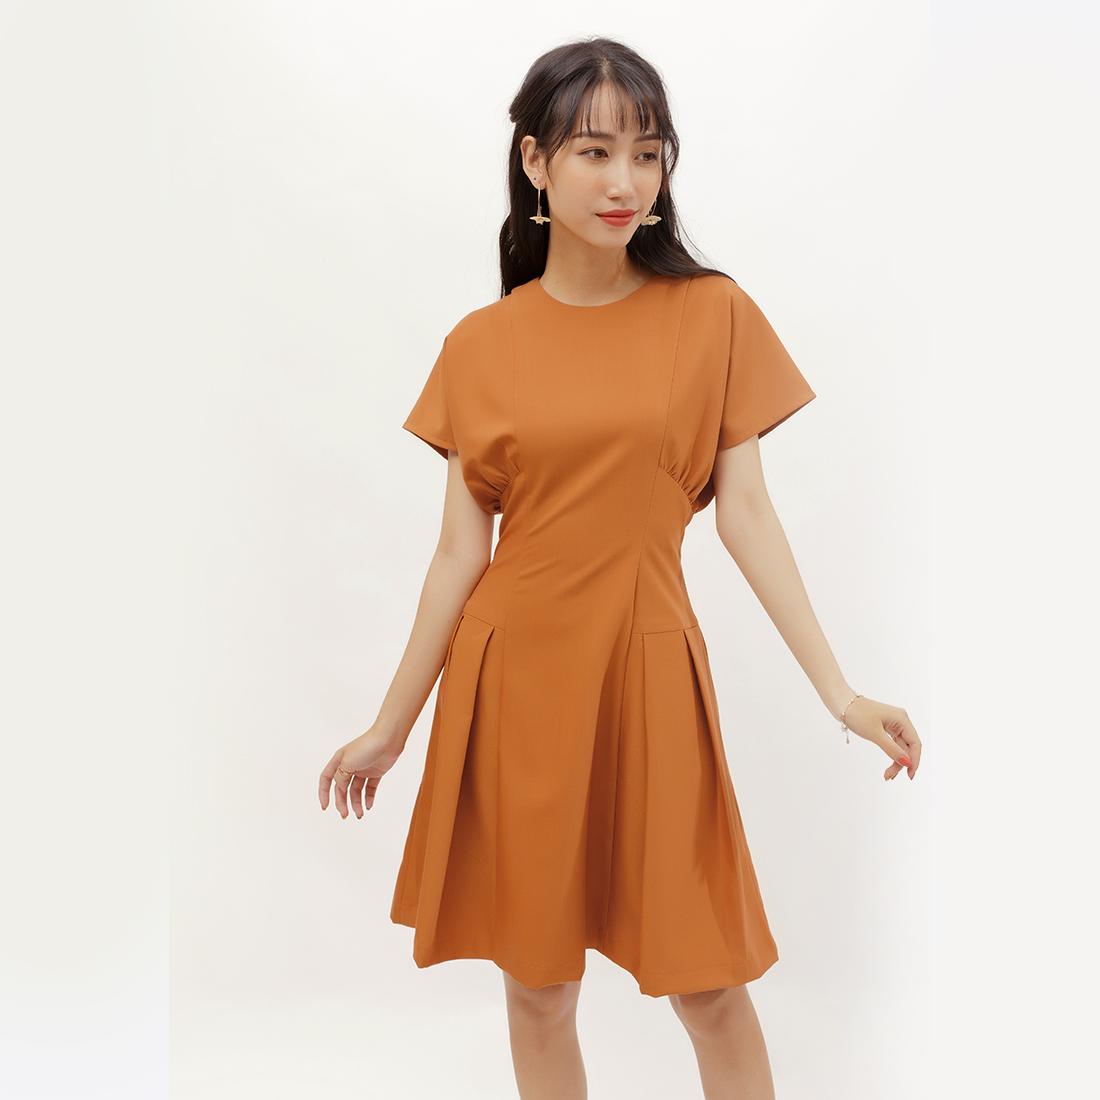 Đầm xòe thời trang Eden tay cánh dơi – D378